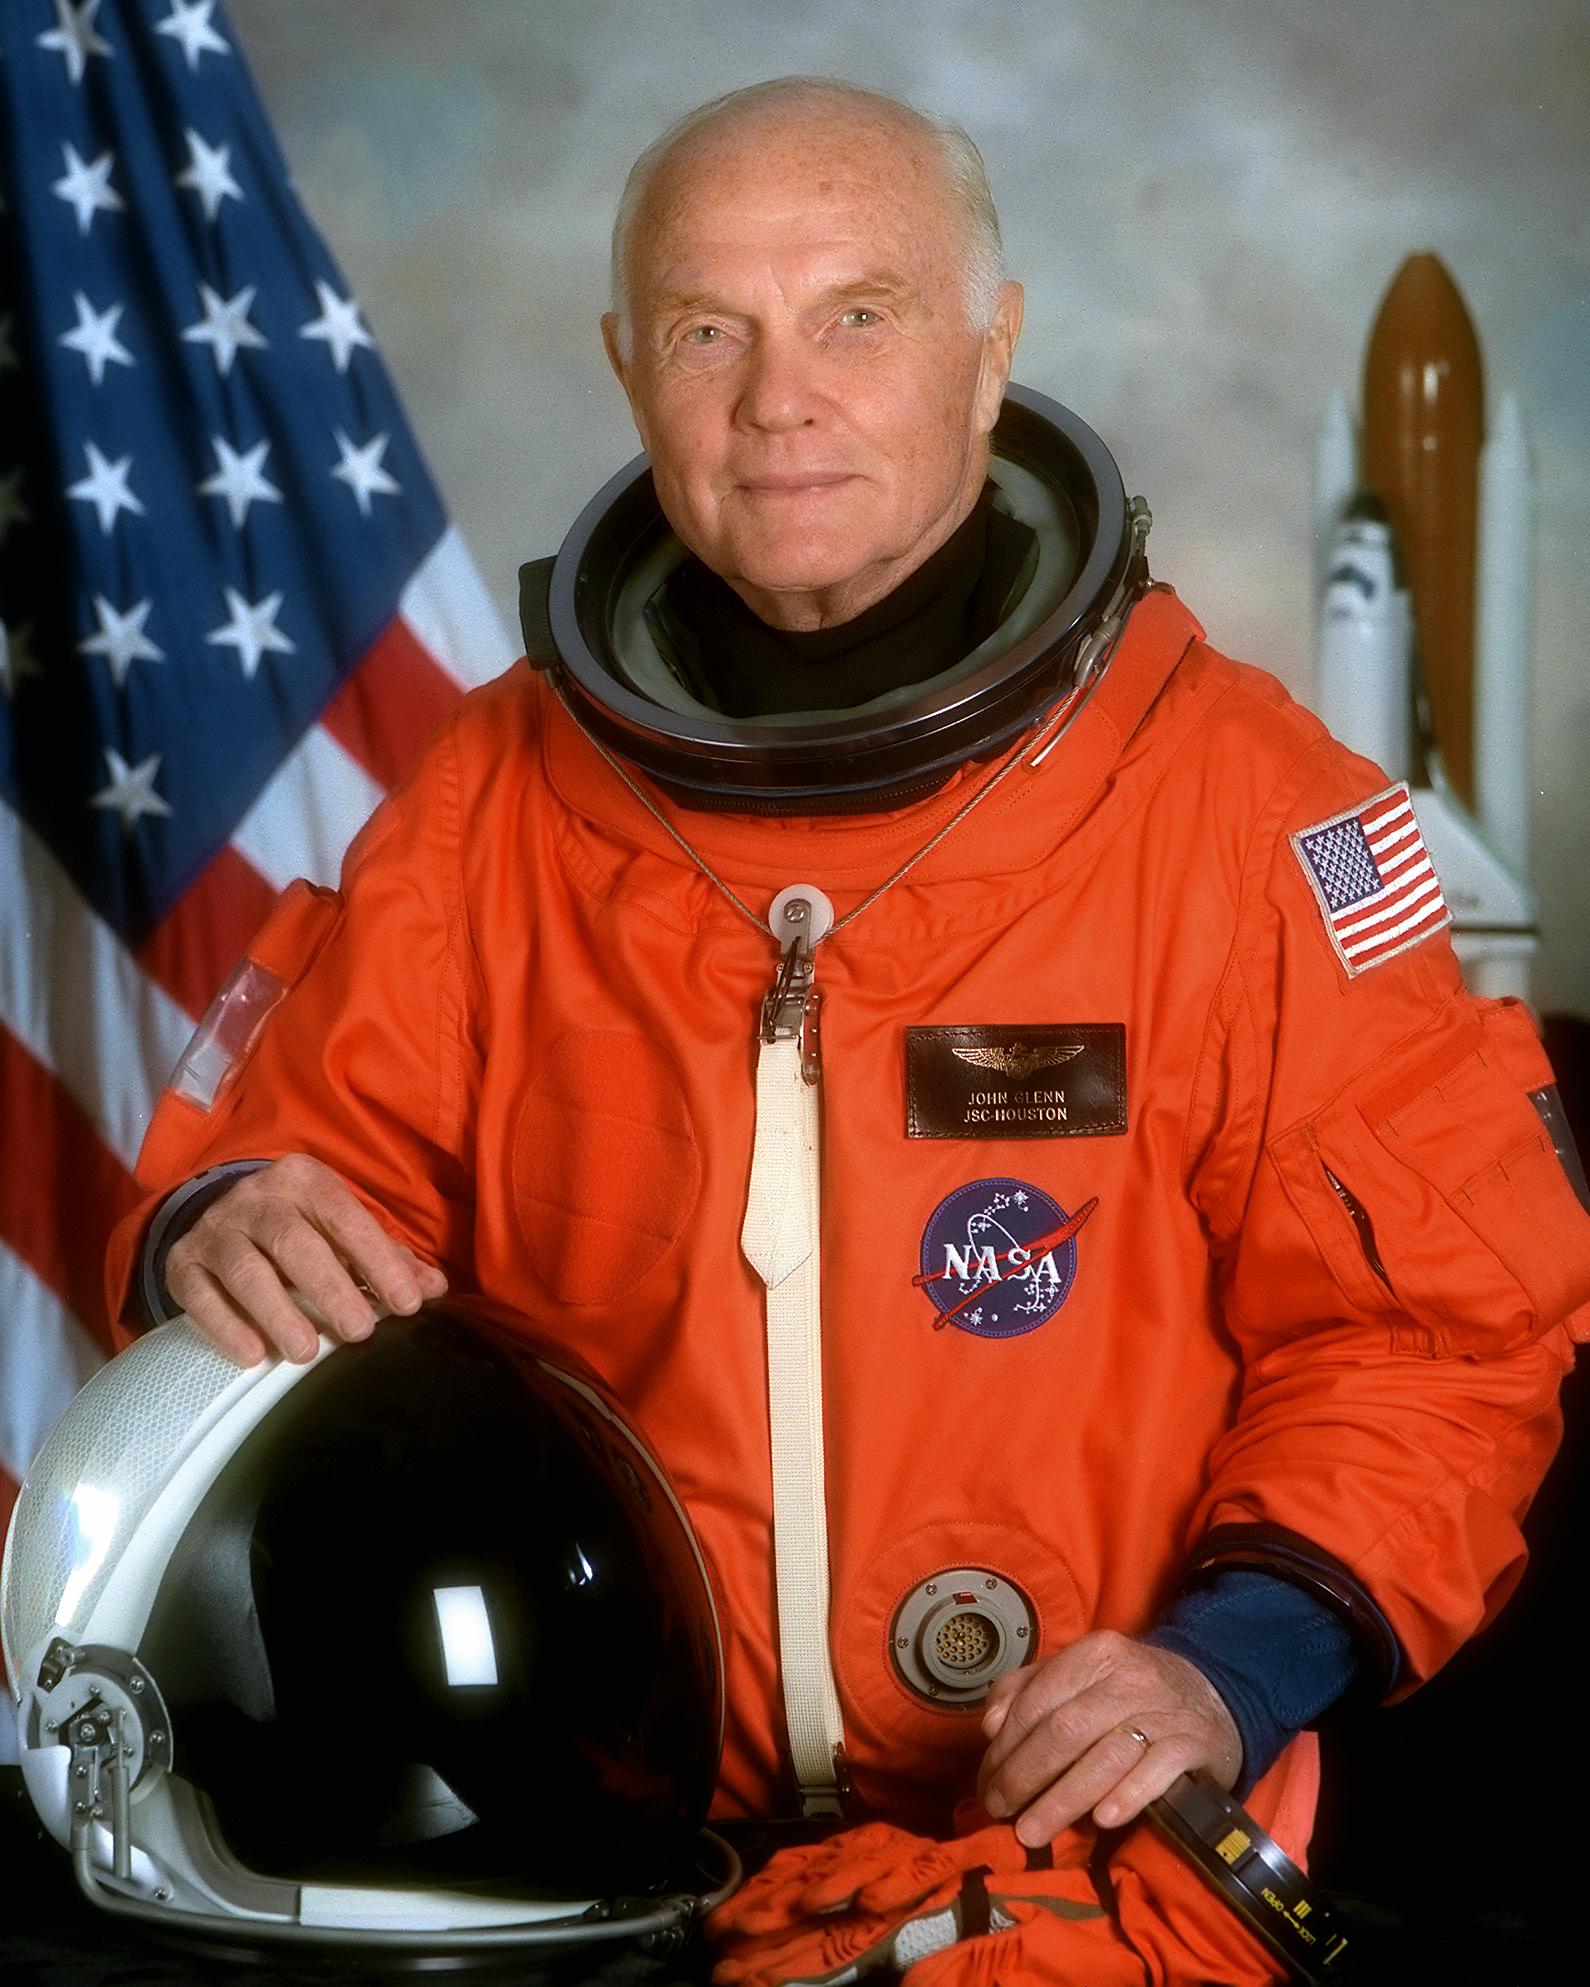 space shuttle john glenn - photo #5